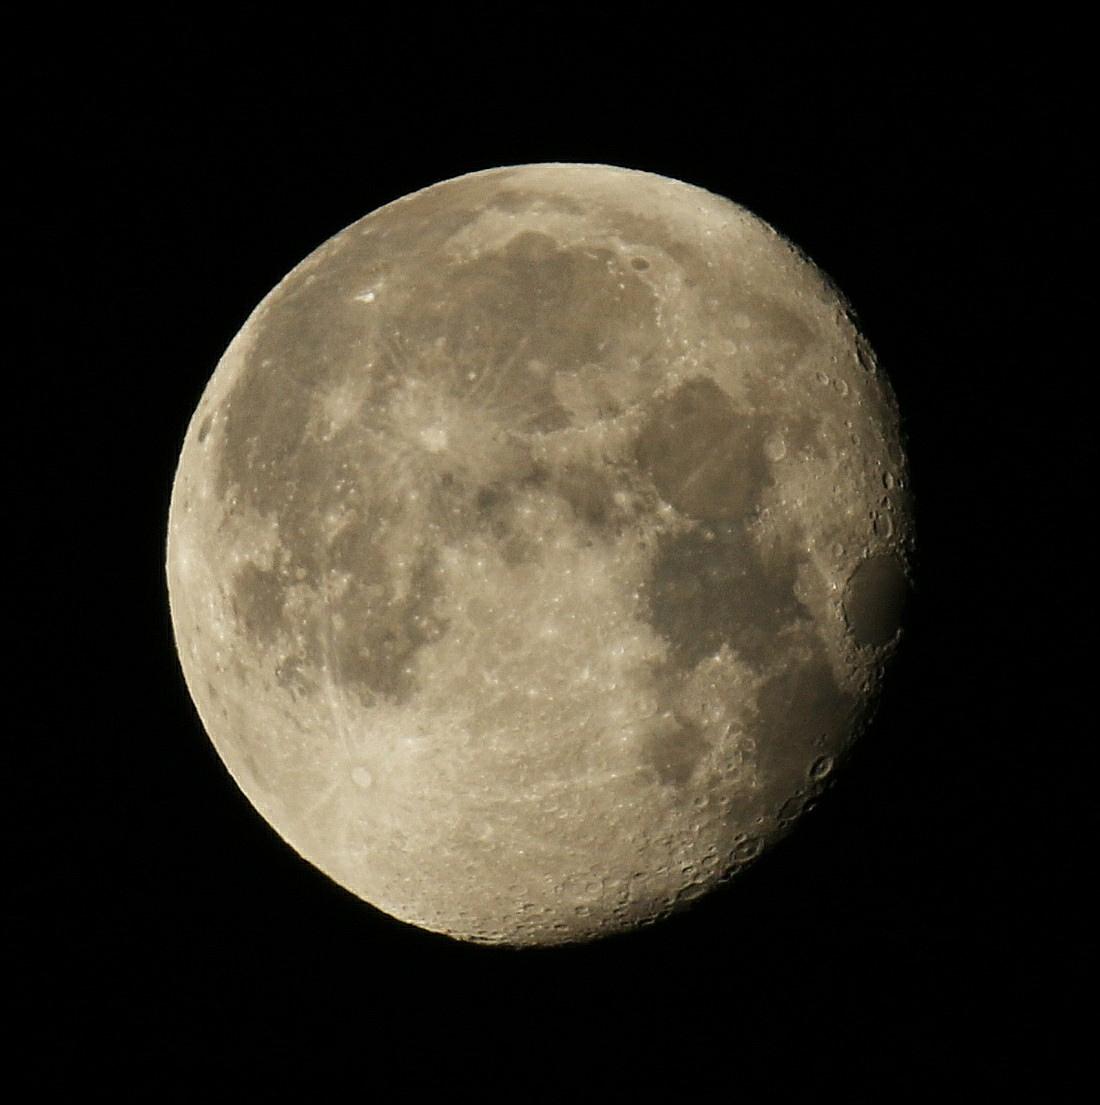 la lune le 08/06/2020 (54120AI1R6 1) ce matin à 5 h